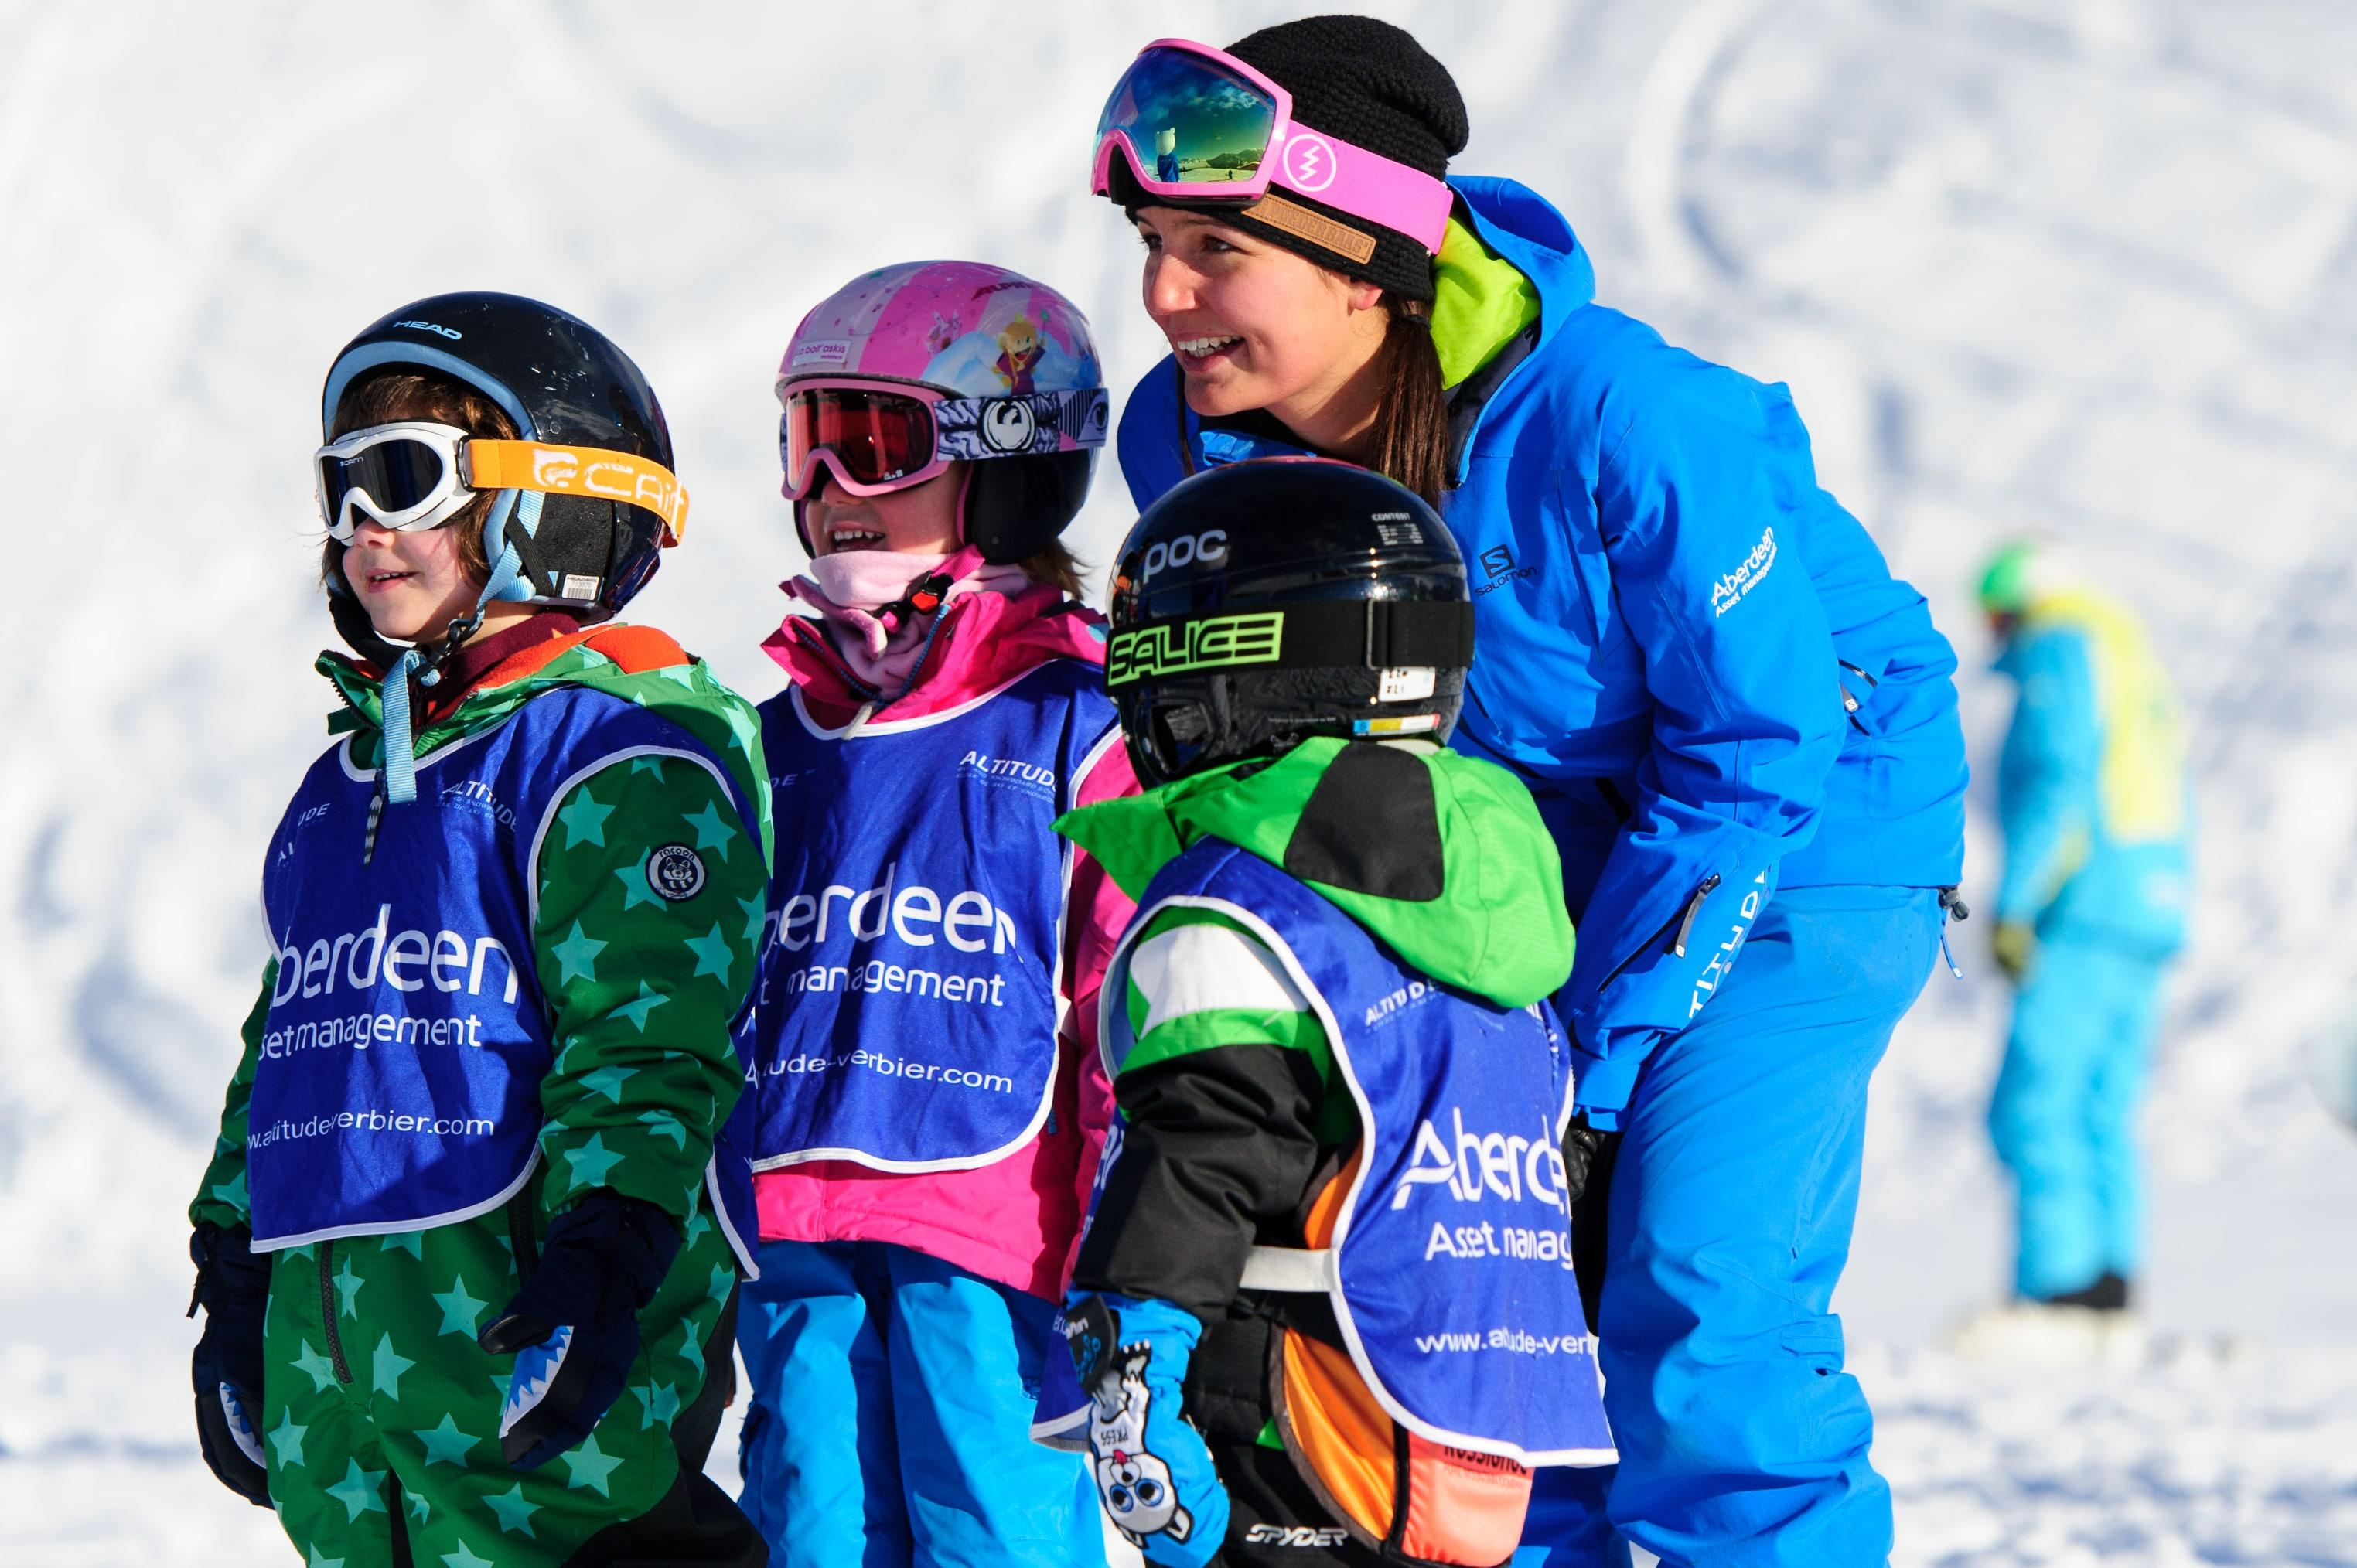 Cours de ski Enfants (6-15 ans) pour Tous niveaux